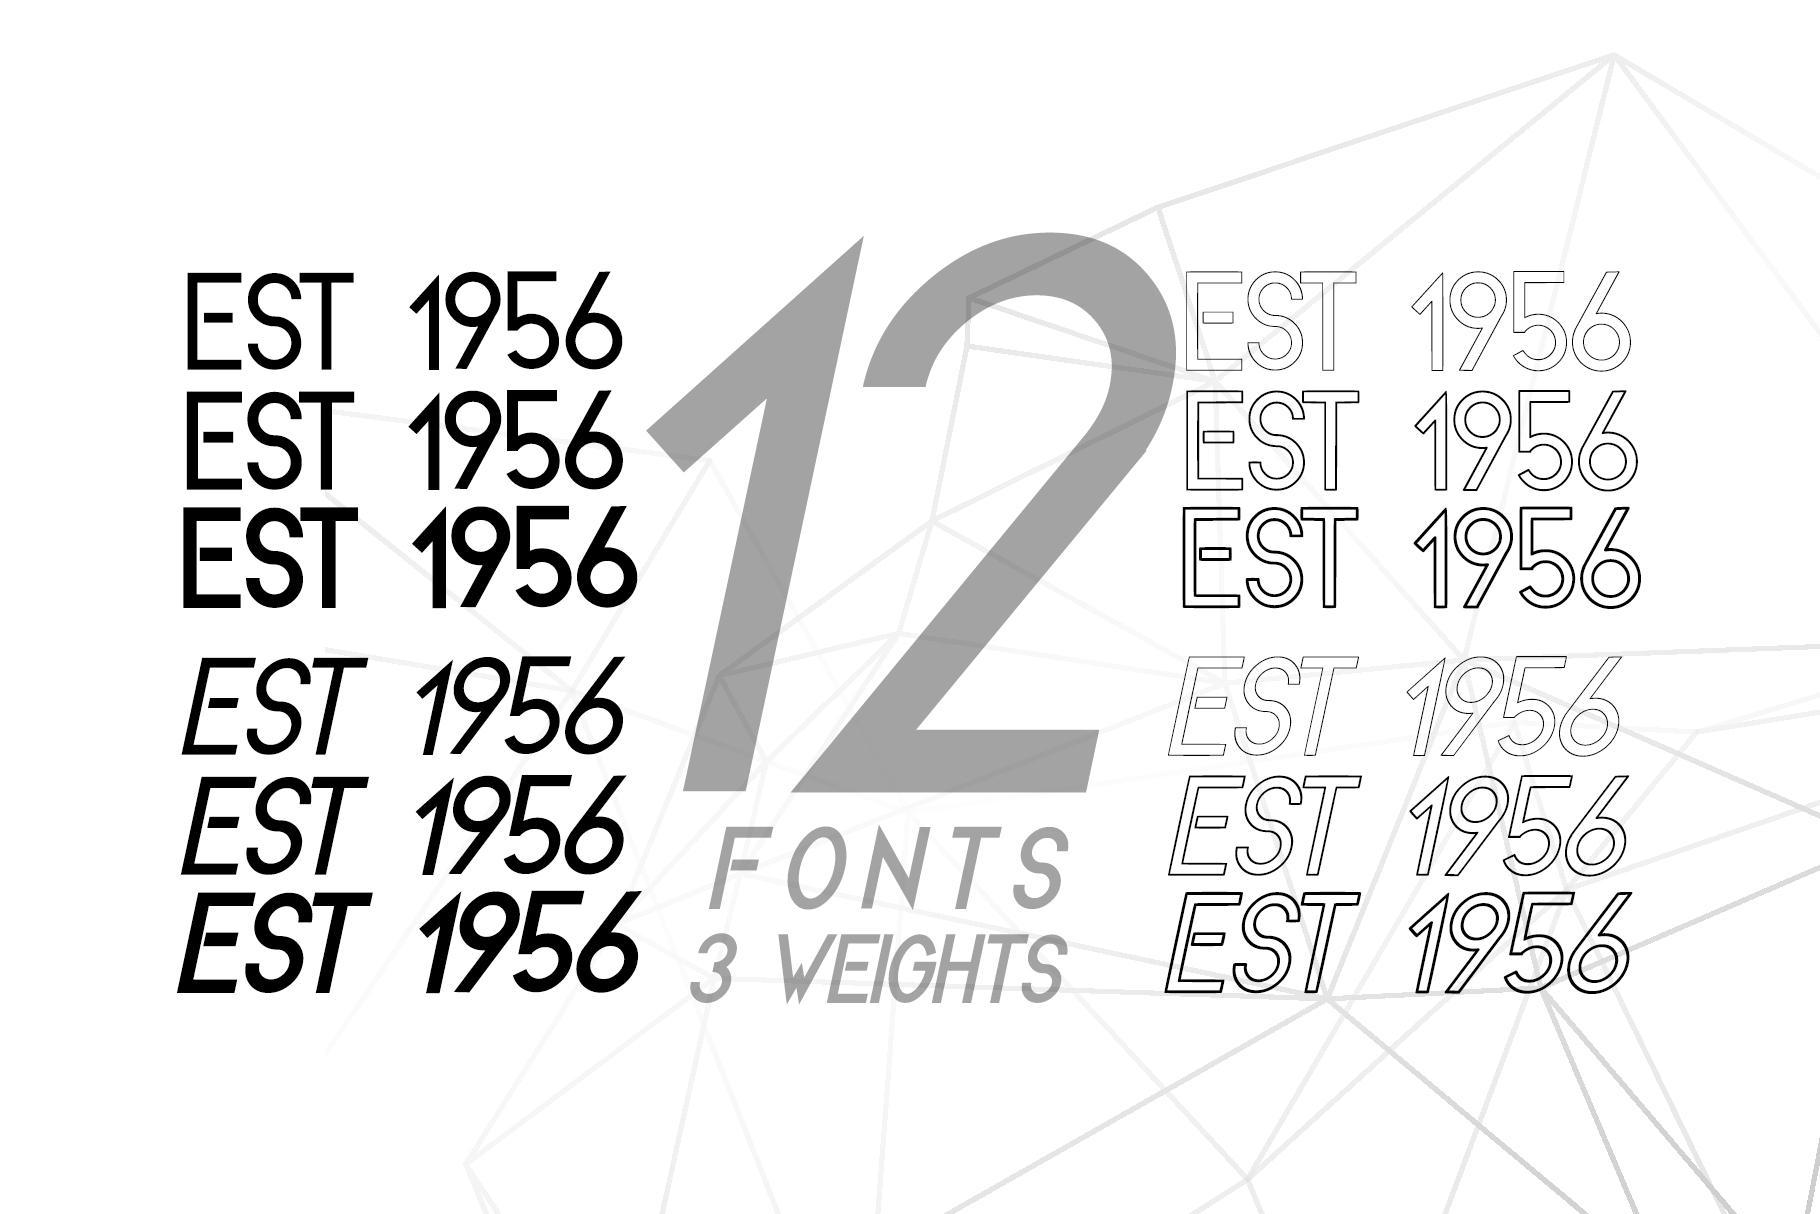 Melvick - 12 Font Family & EXTRA LOGO example image 7